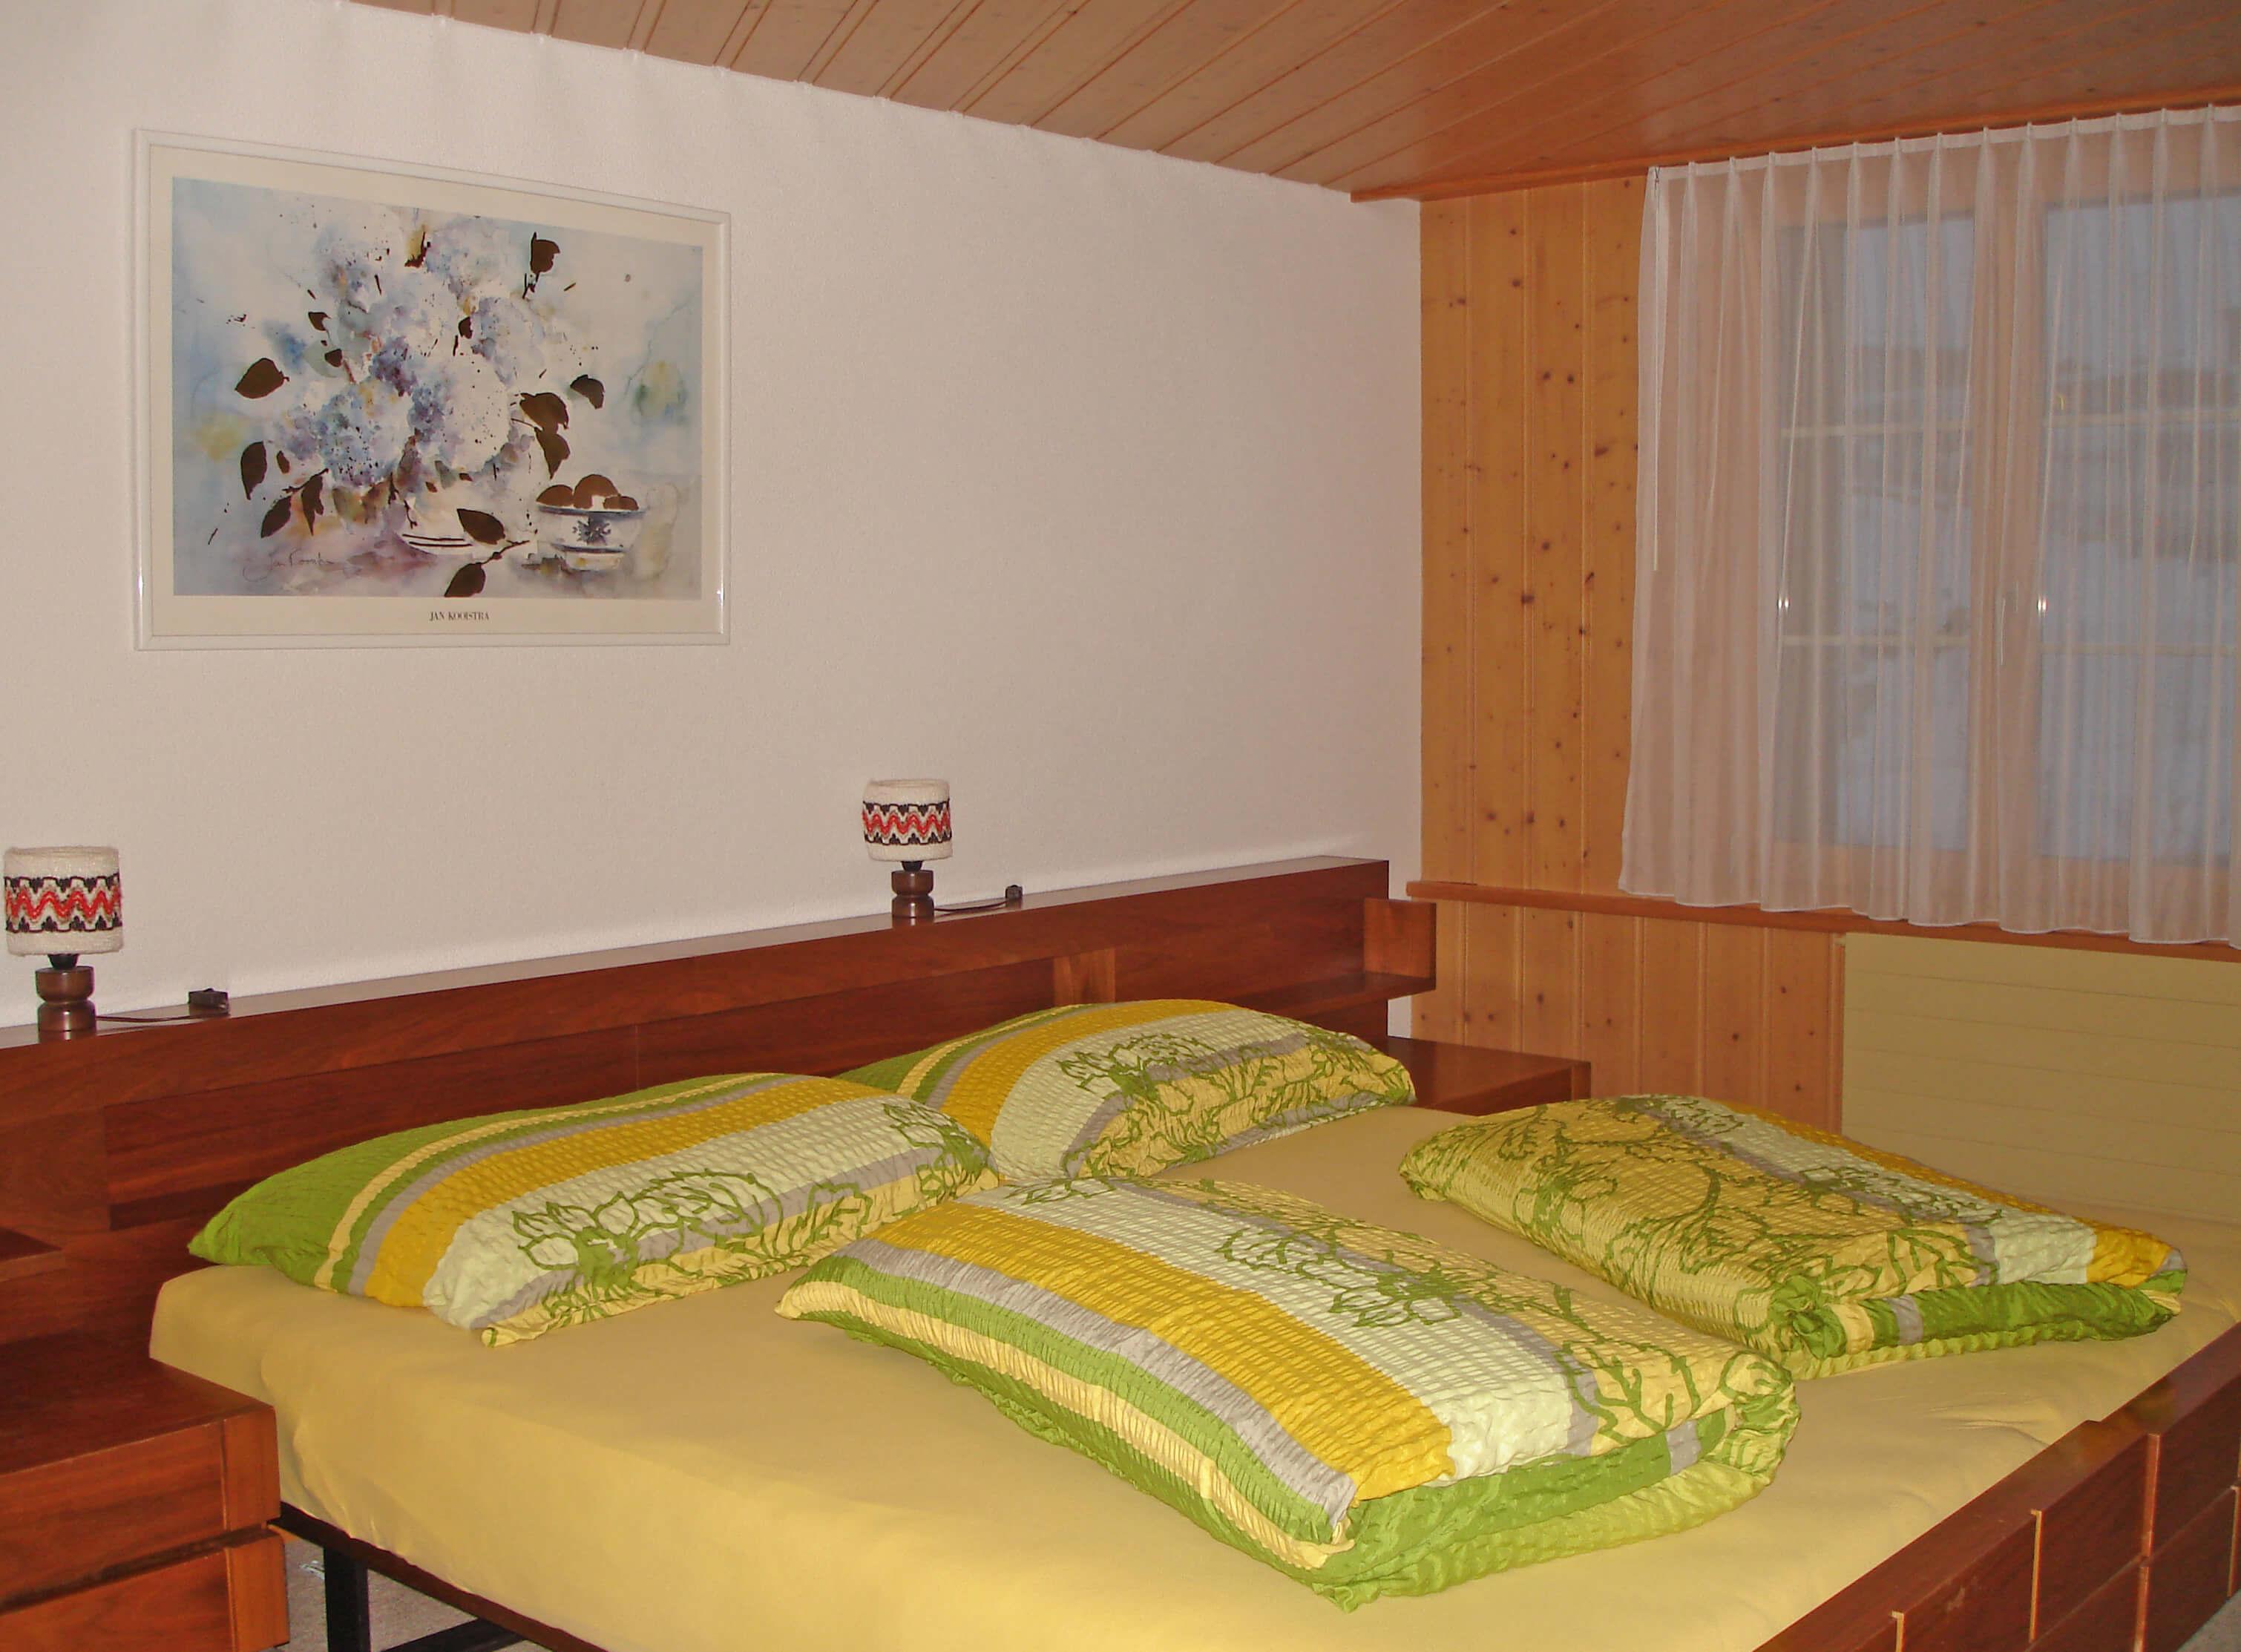 Schlafzimmer Bauernhaus Eggmatte